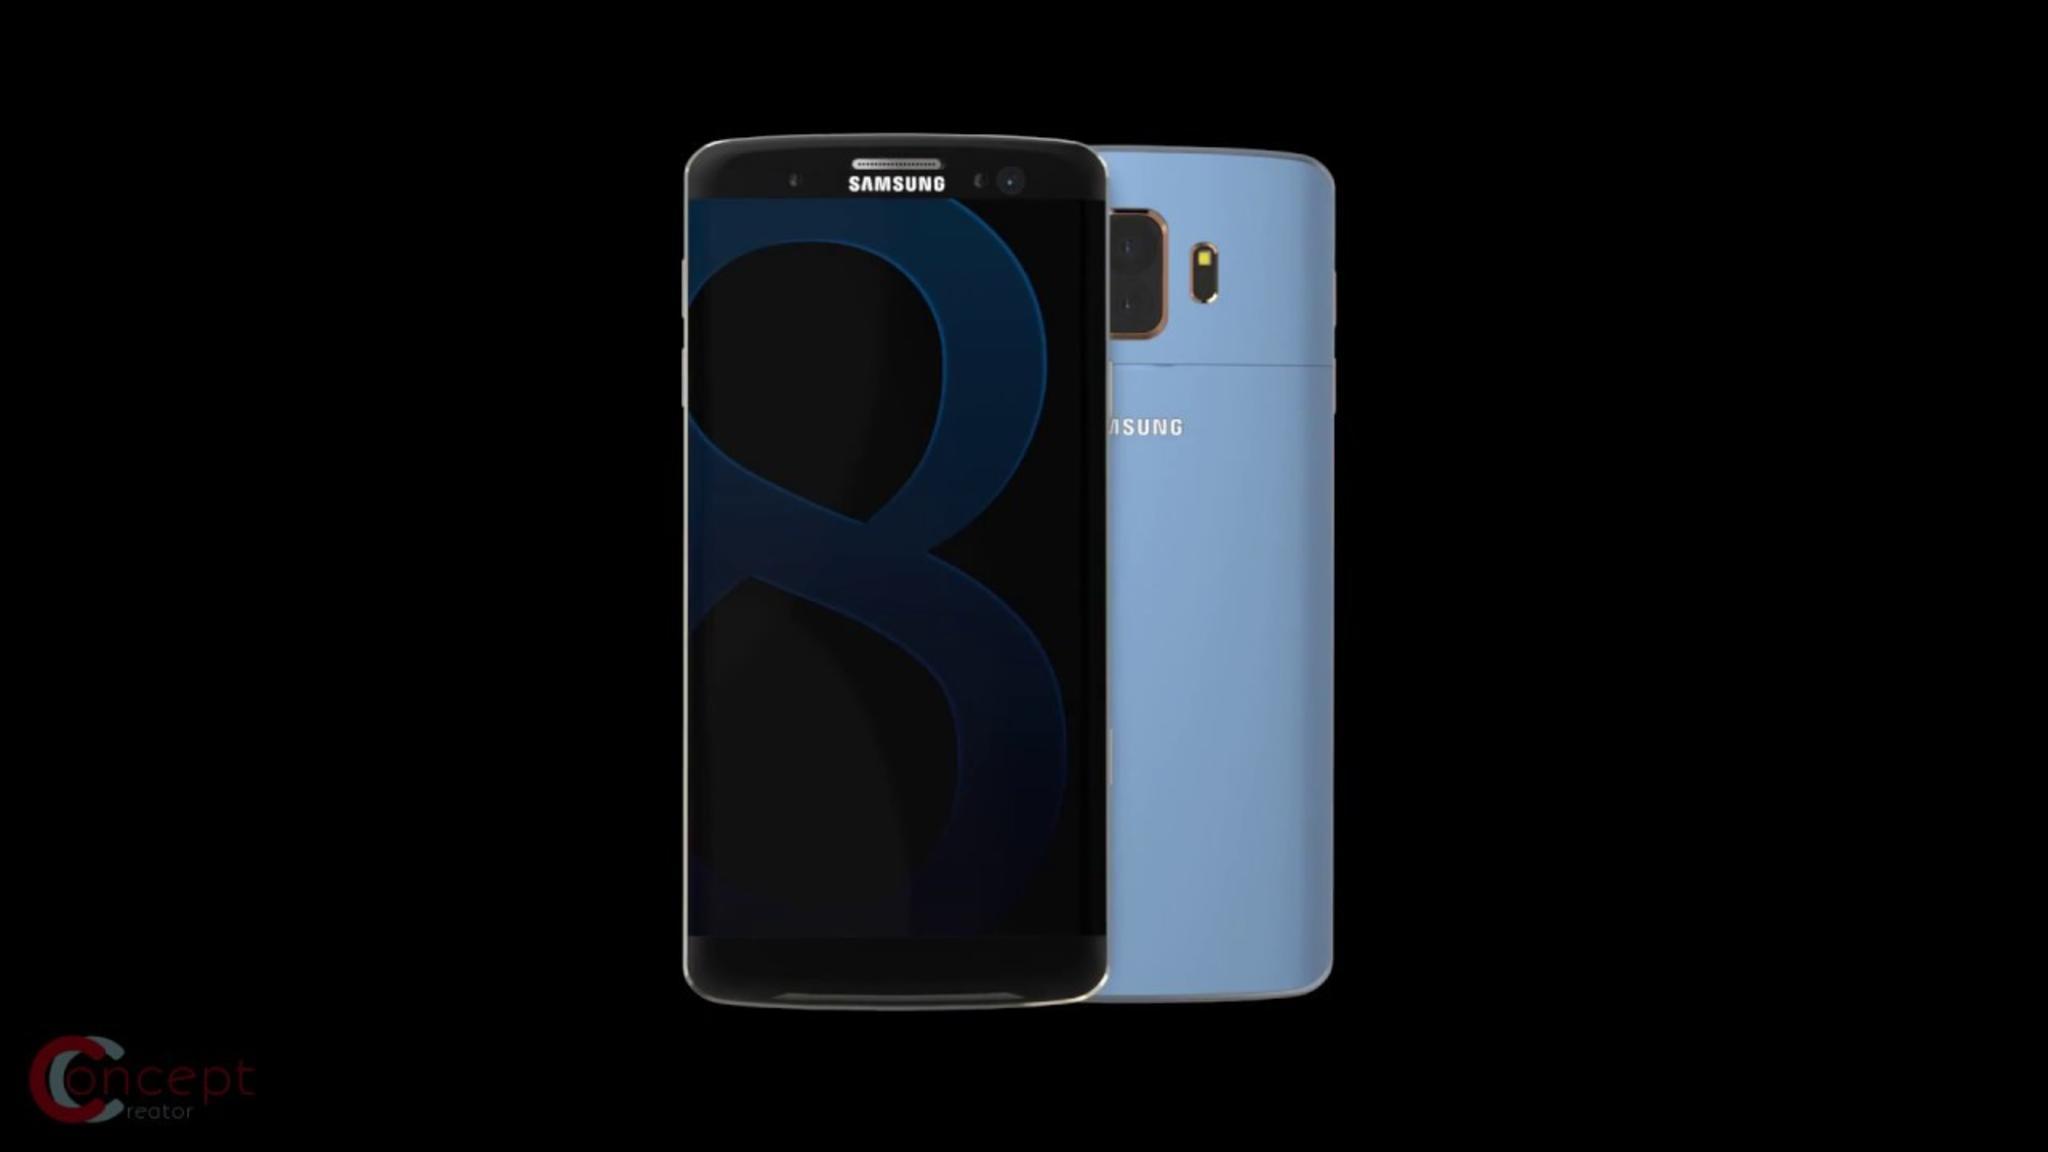 Mit dem Galaxy S8 könnte Samsung einen WhatsApp-Konkurrenten veröffentlichen.